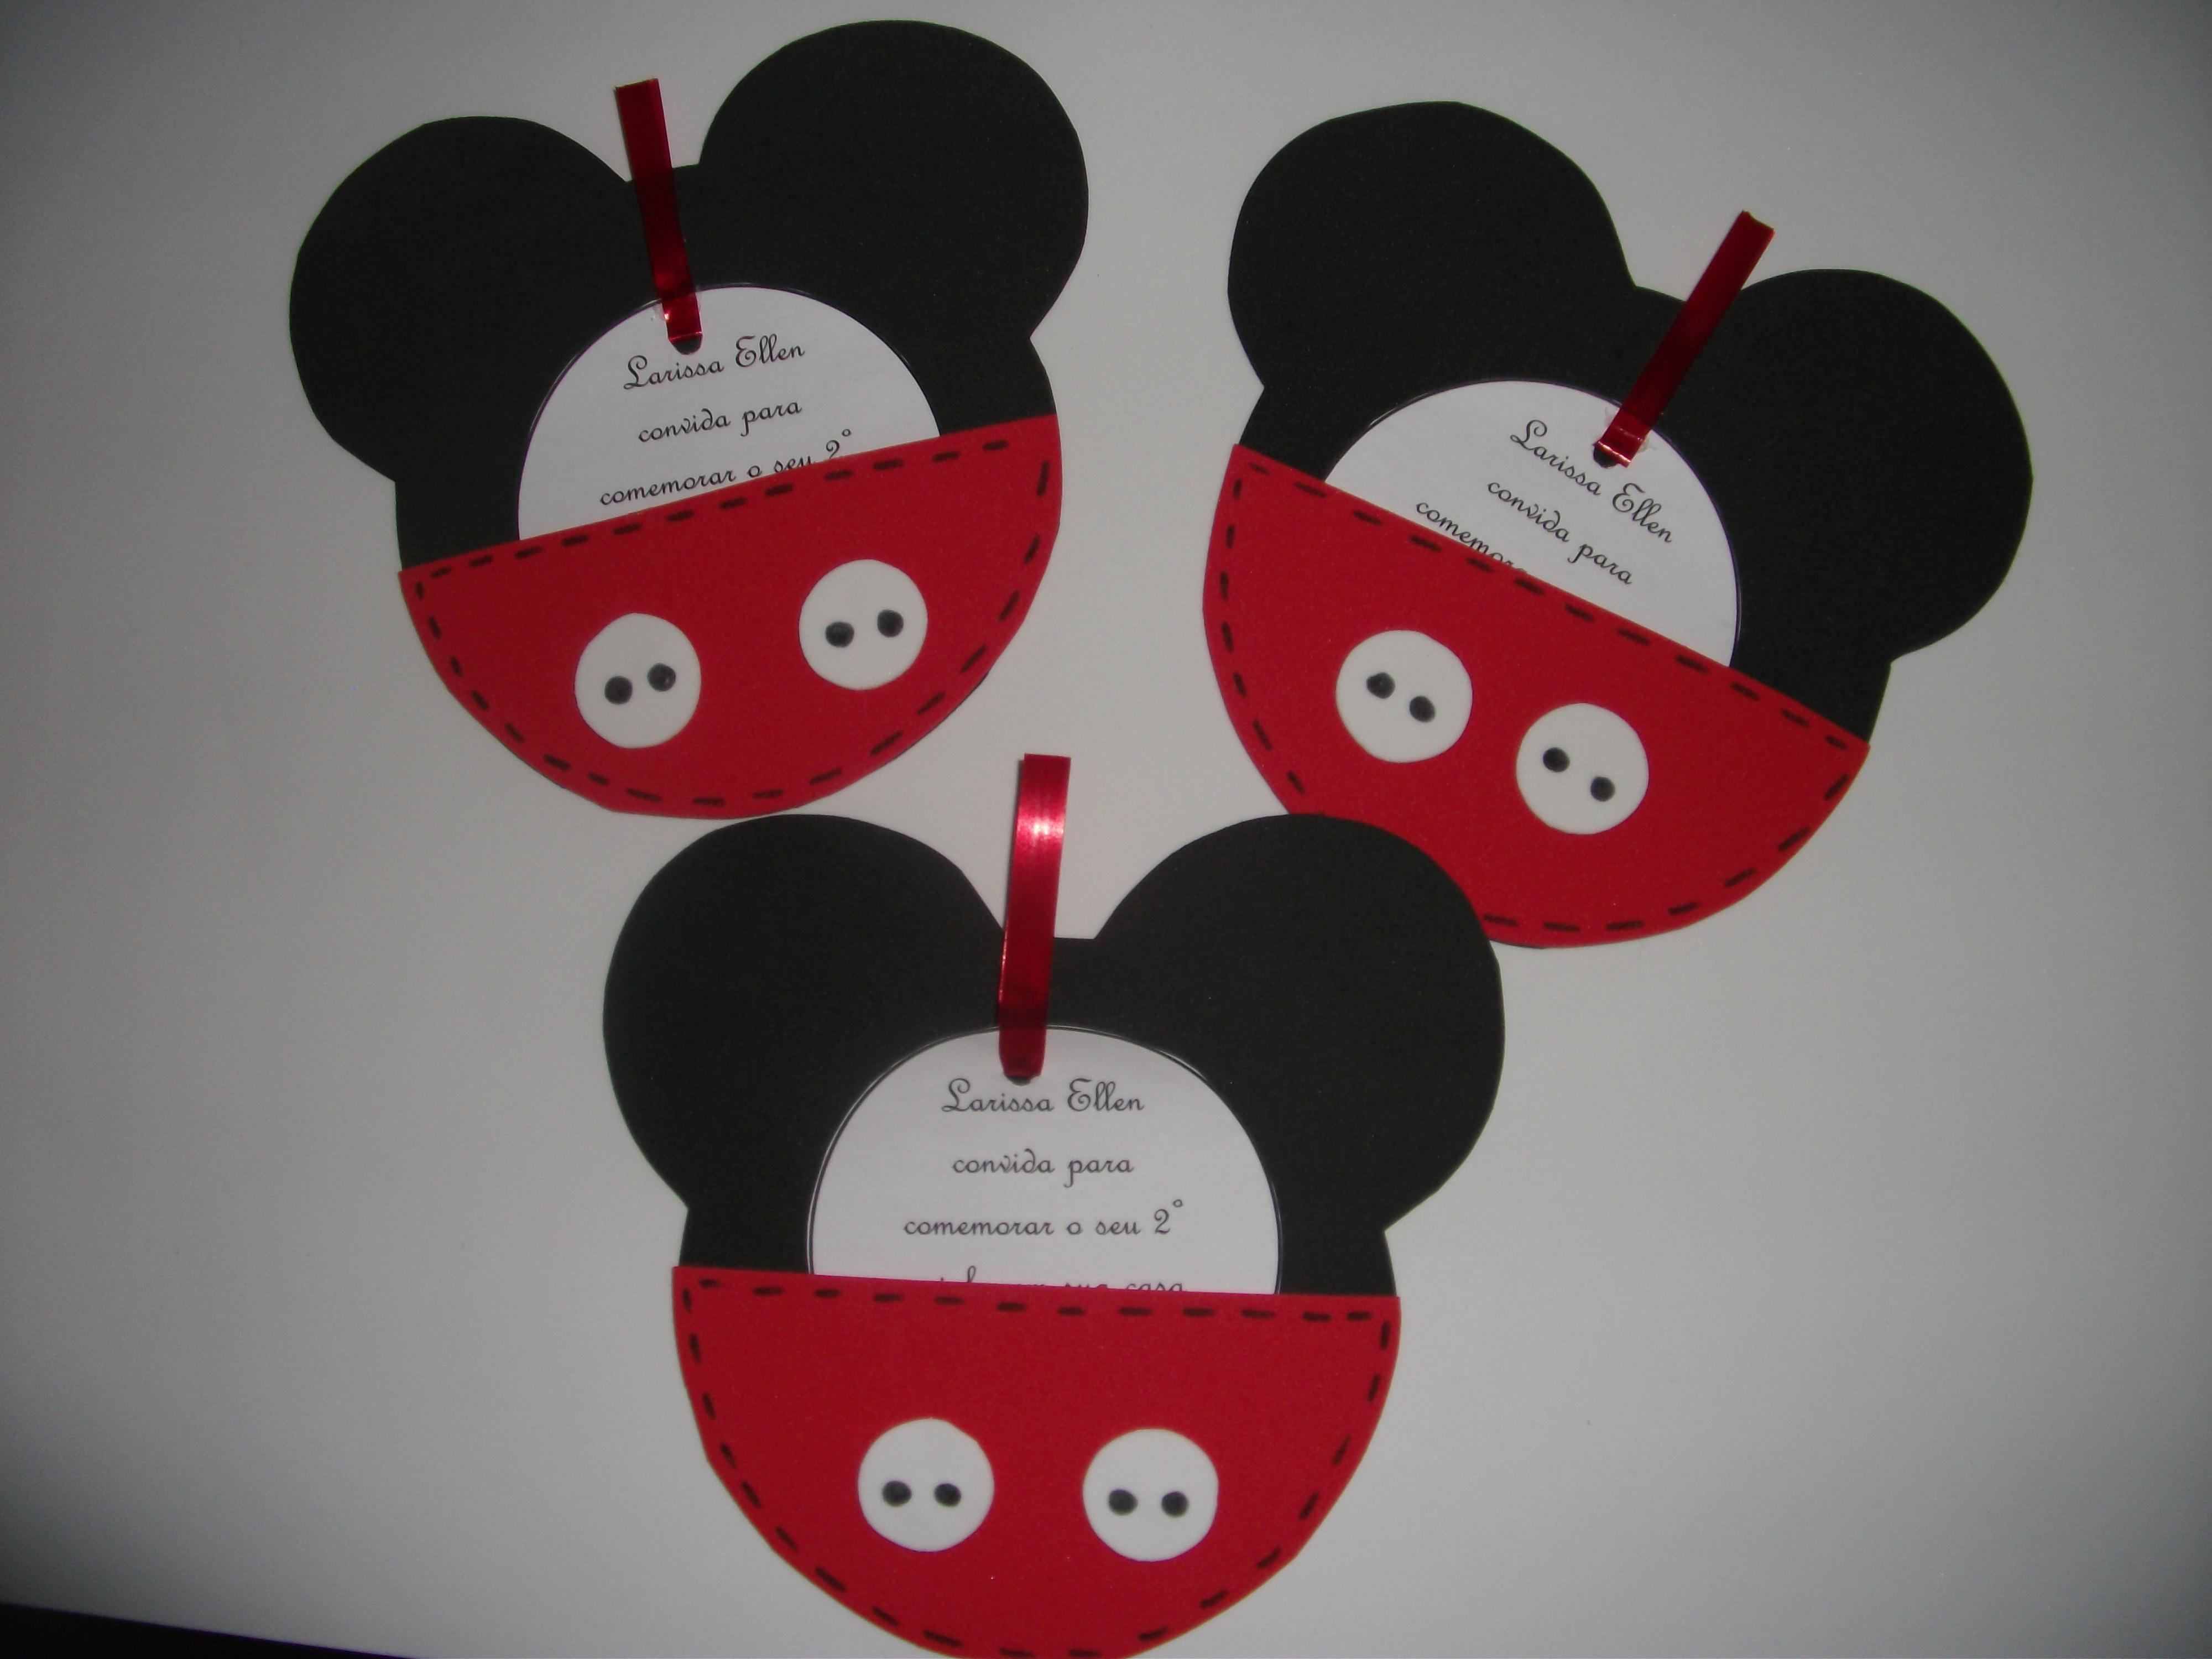 Eva Mickey Minnie Convite Em Eva Mickey Minnie Convite Em Eva Mickey